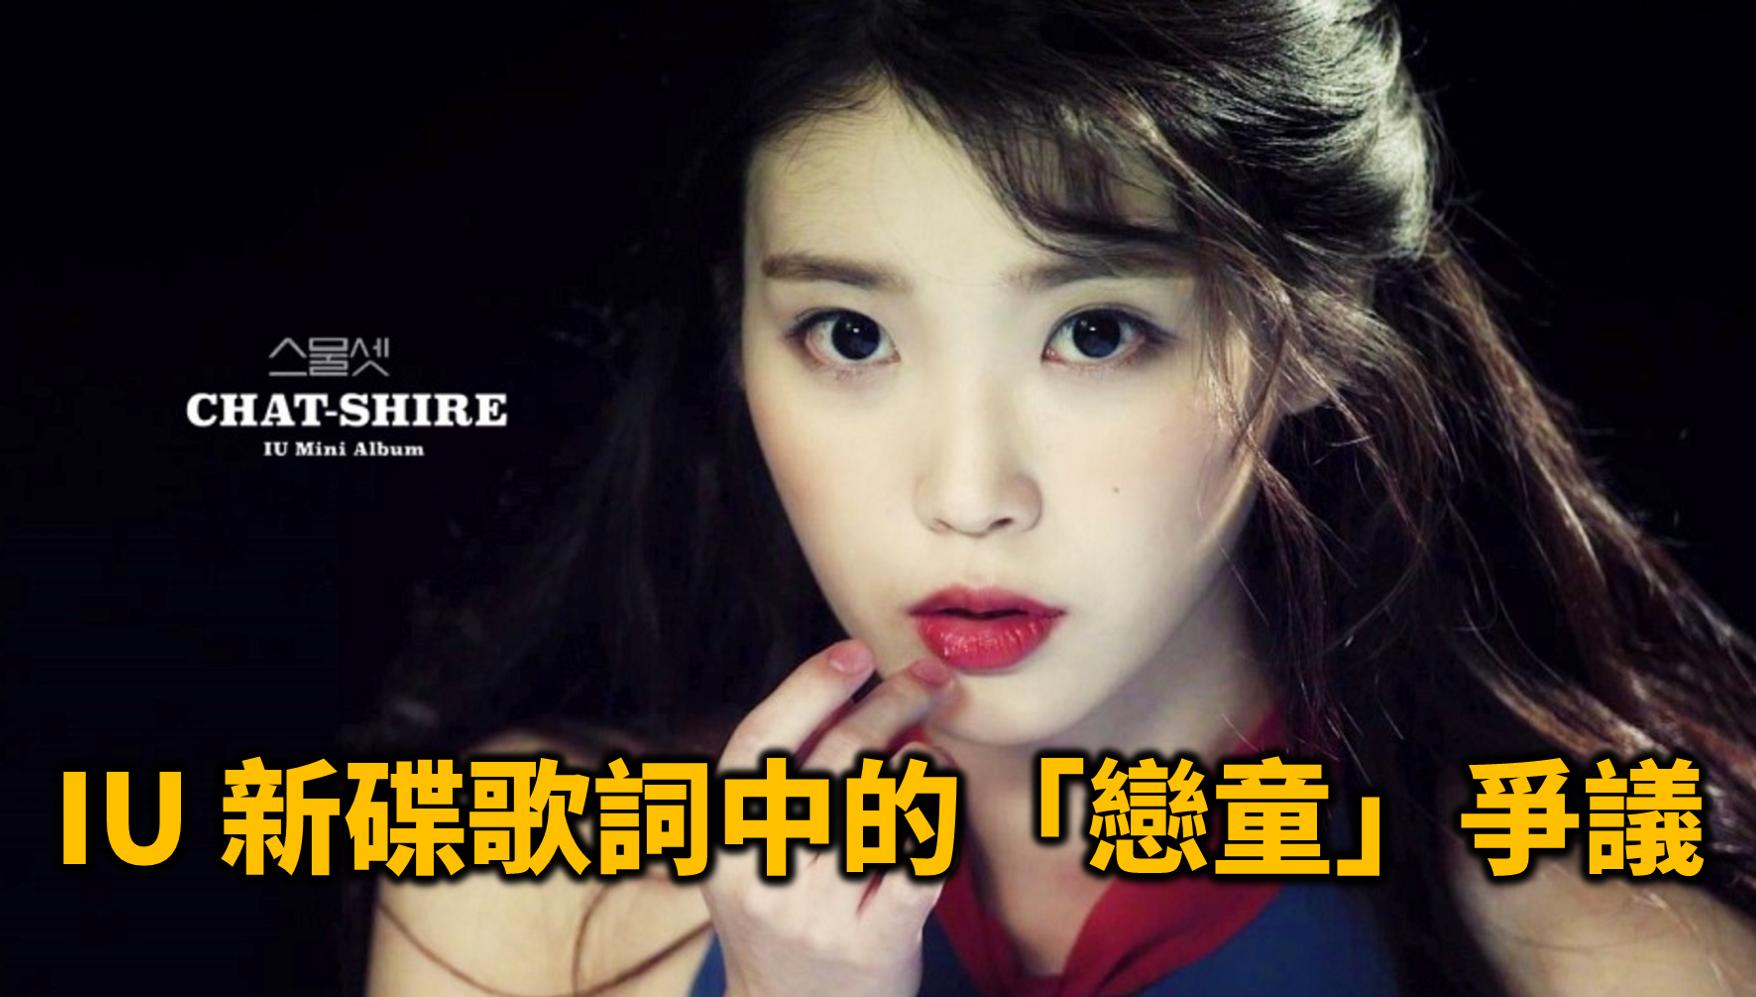 〈樂觀韓流〉IU新碟歌詞中的「戀童」爭議-鍾樂偉